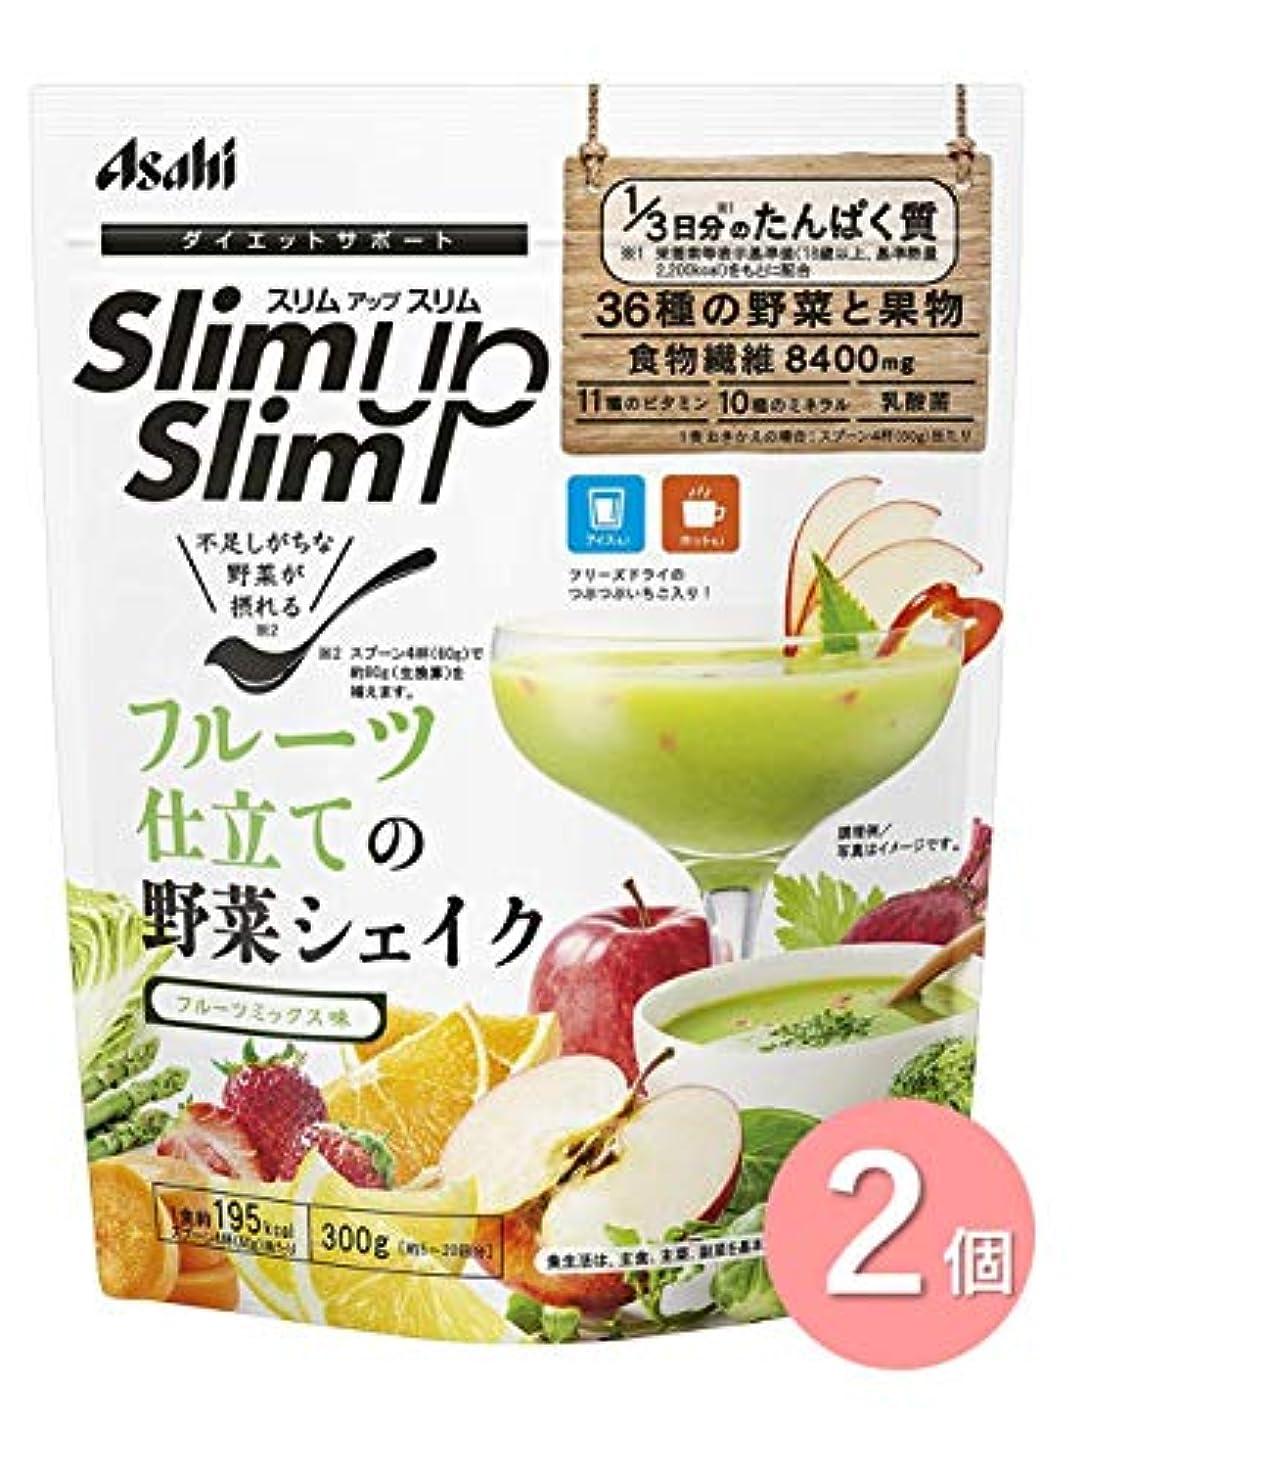 悪意アルコールバレルスリムアップスリム フルーツ仕立ての野菜シェイク フルーツミックス味 300g ×2個